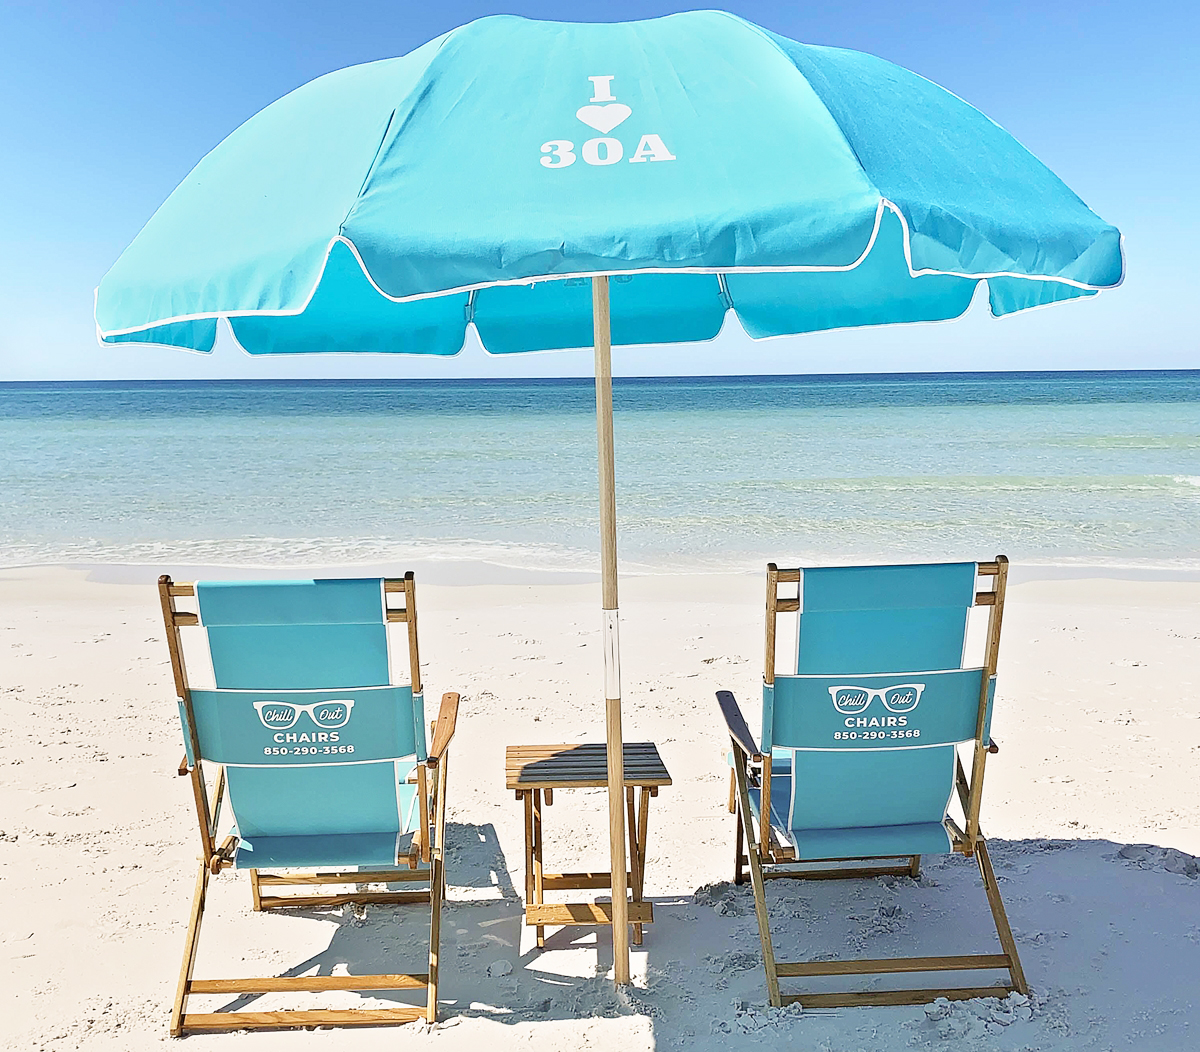 30A Beach Chair Rentals